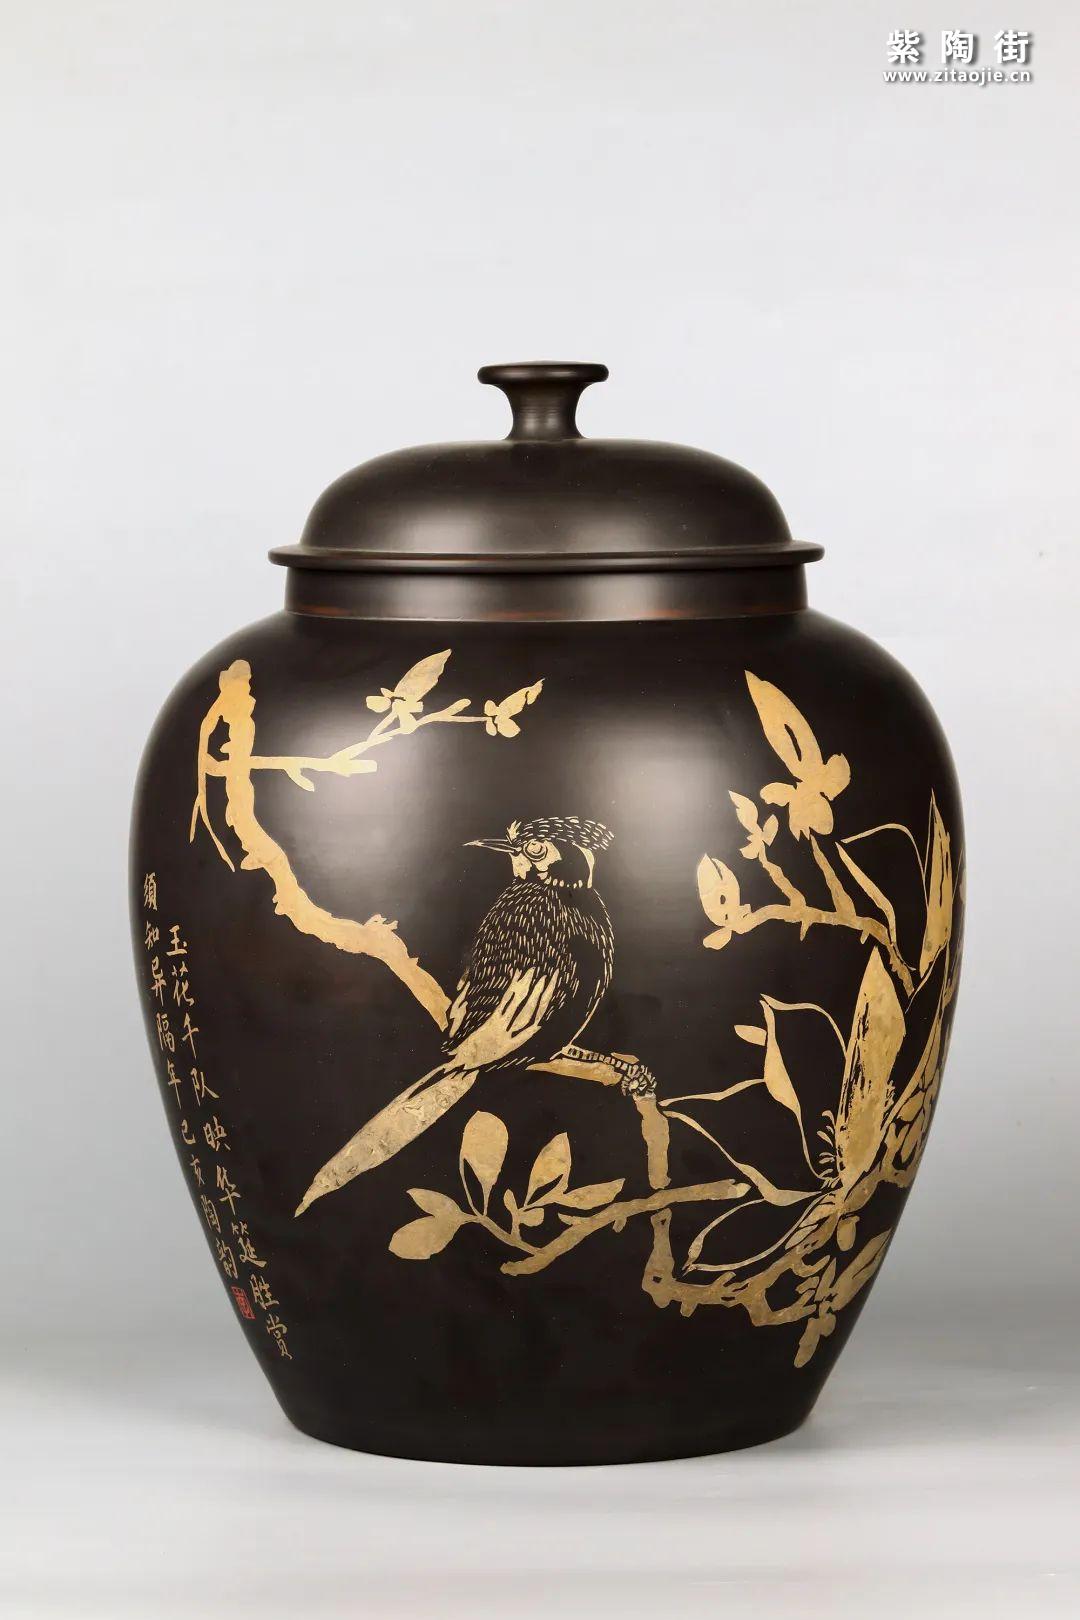 花鸟装饰的建水紫陶茶缸插图14